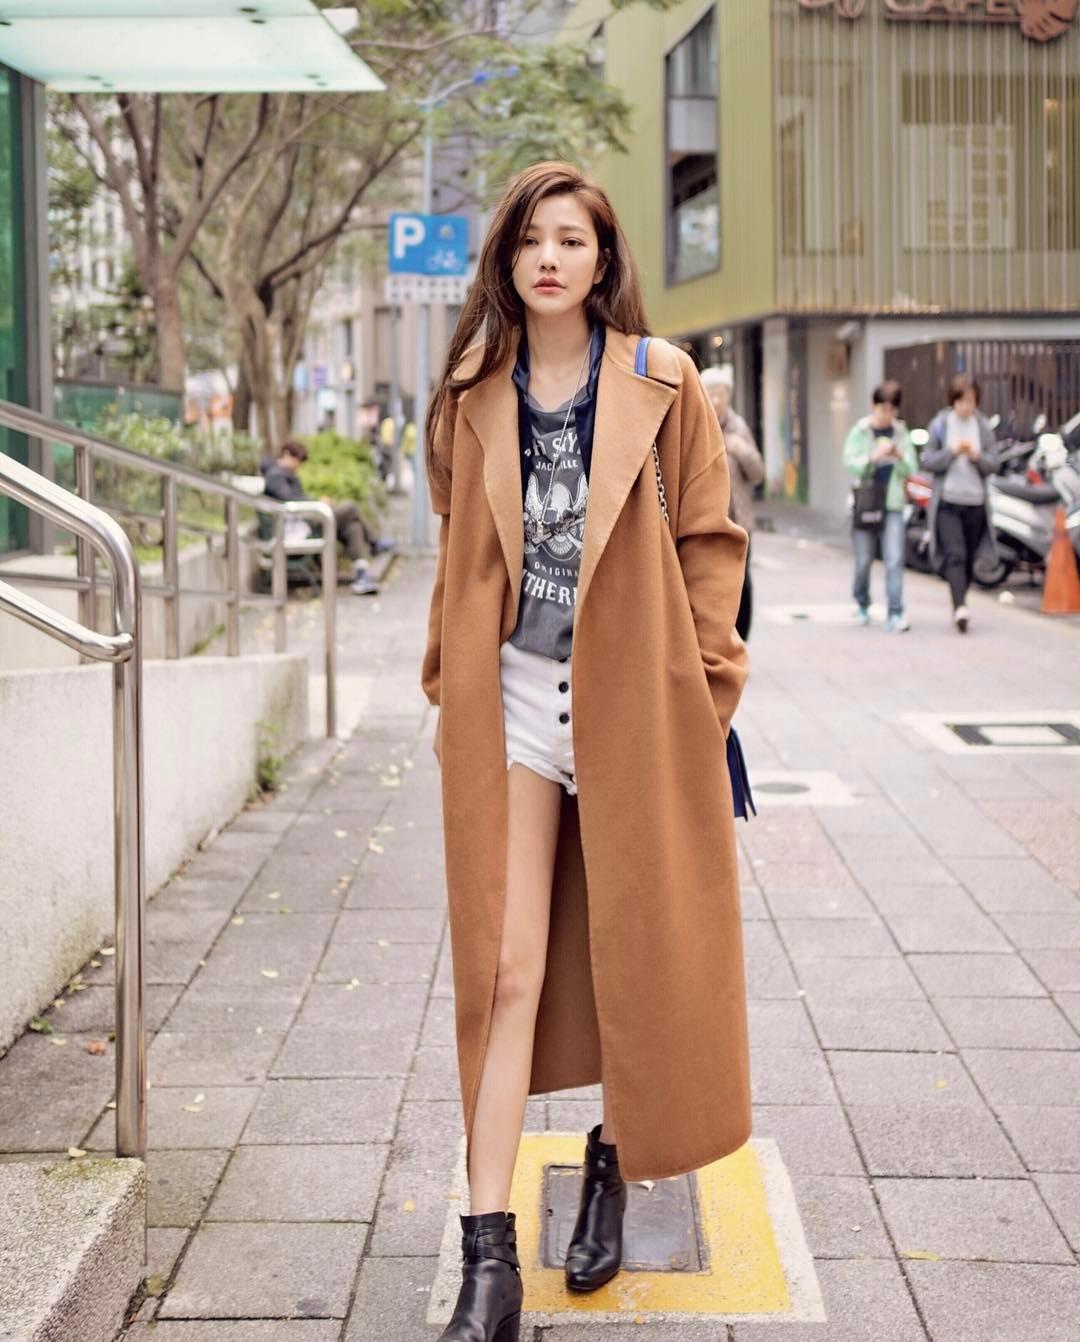 41-летняя дизайнер из Тайваня удивила интернет-пользователей своим моложавым внешним видом